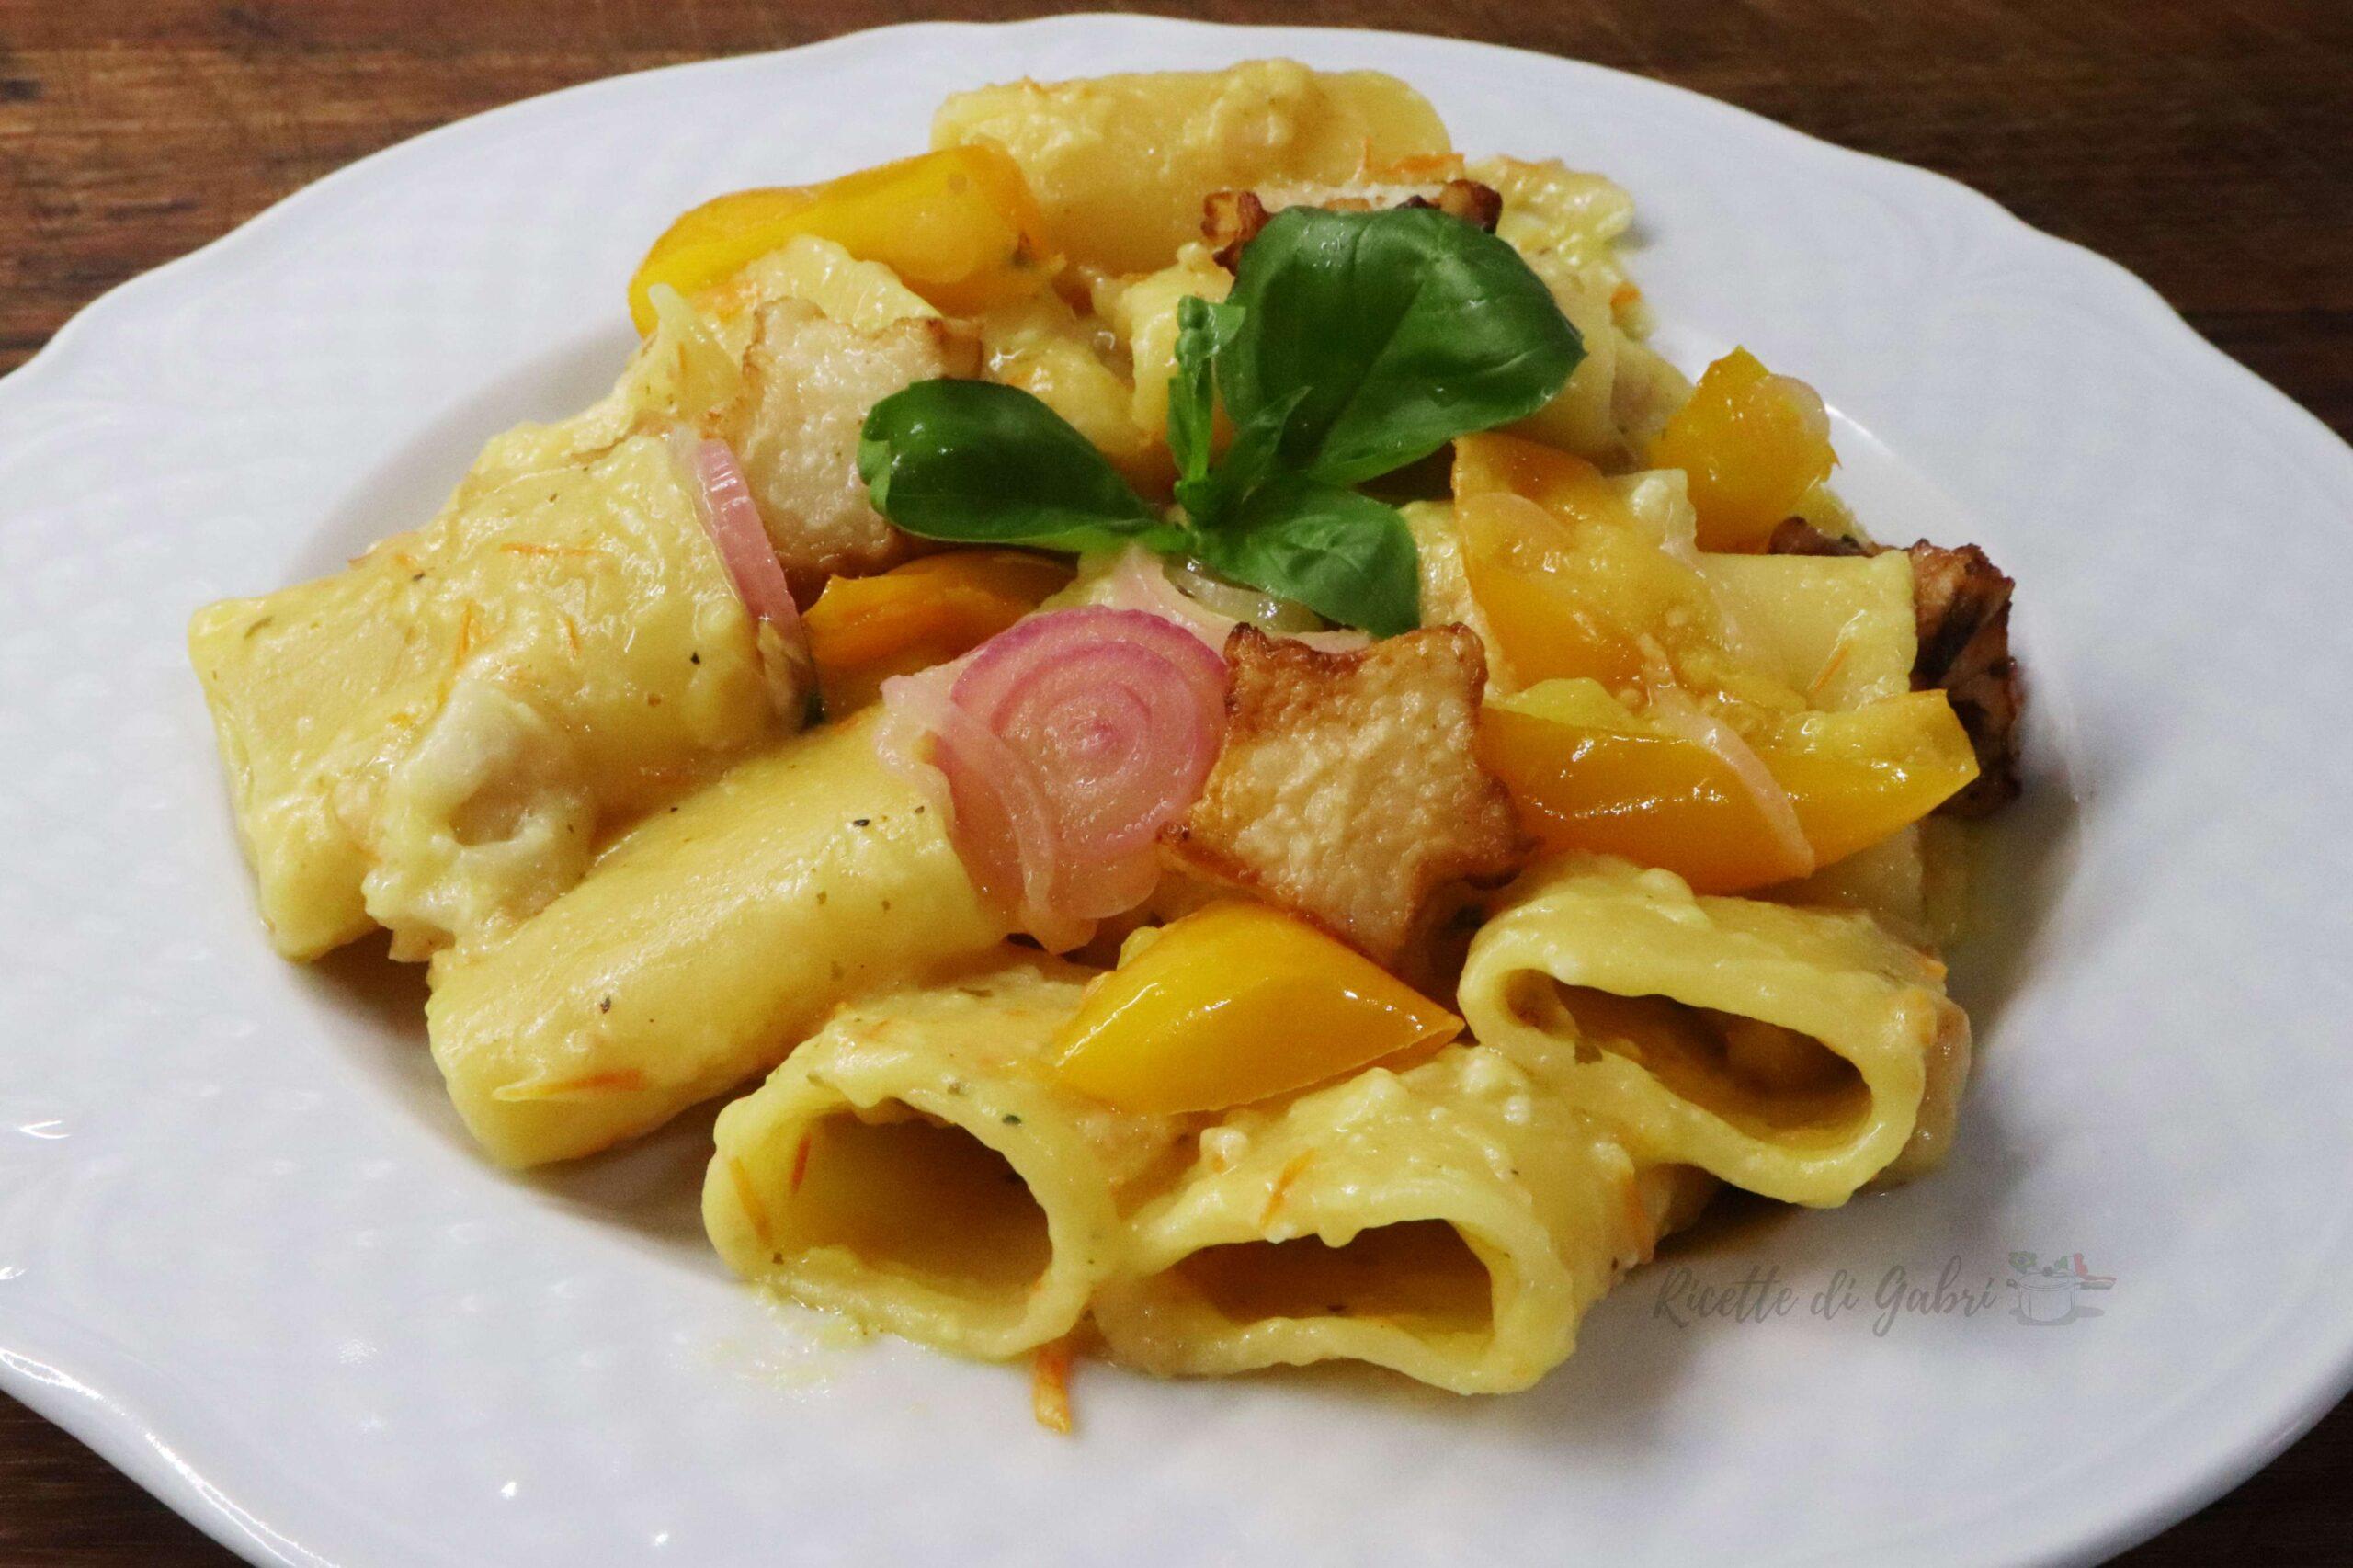 pasta cremosa con melanzane pomodorini gialli e pecorino ricetta facile veloce e sfiziosa di gabri paccheri ricette